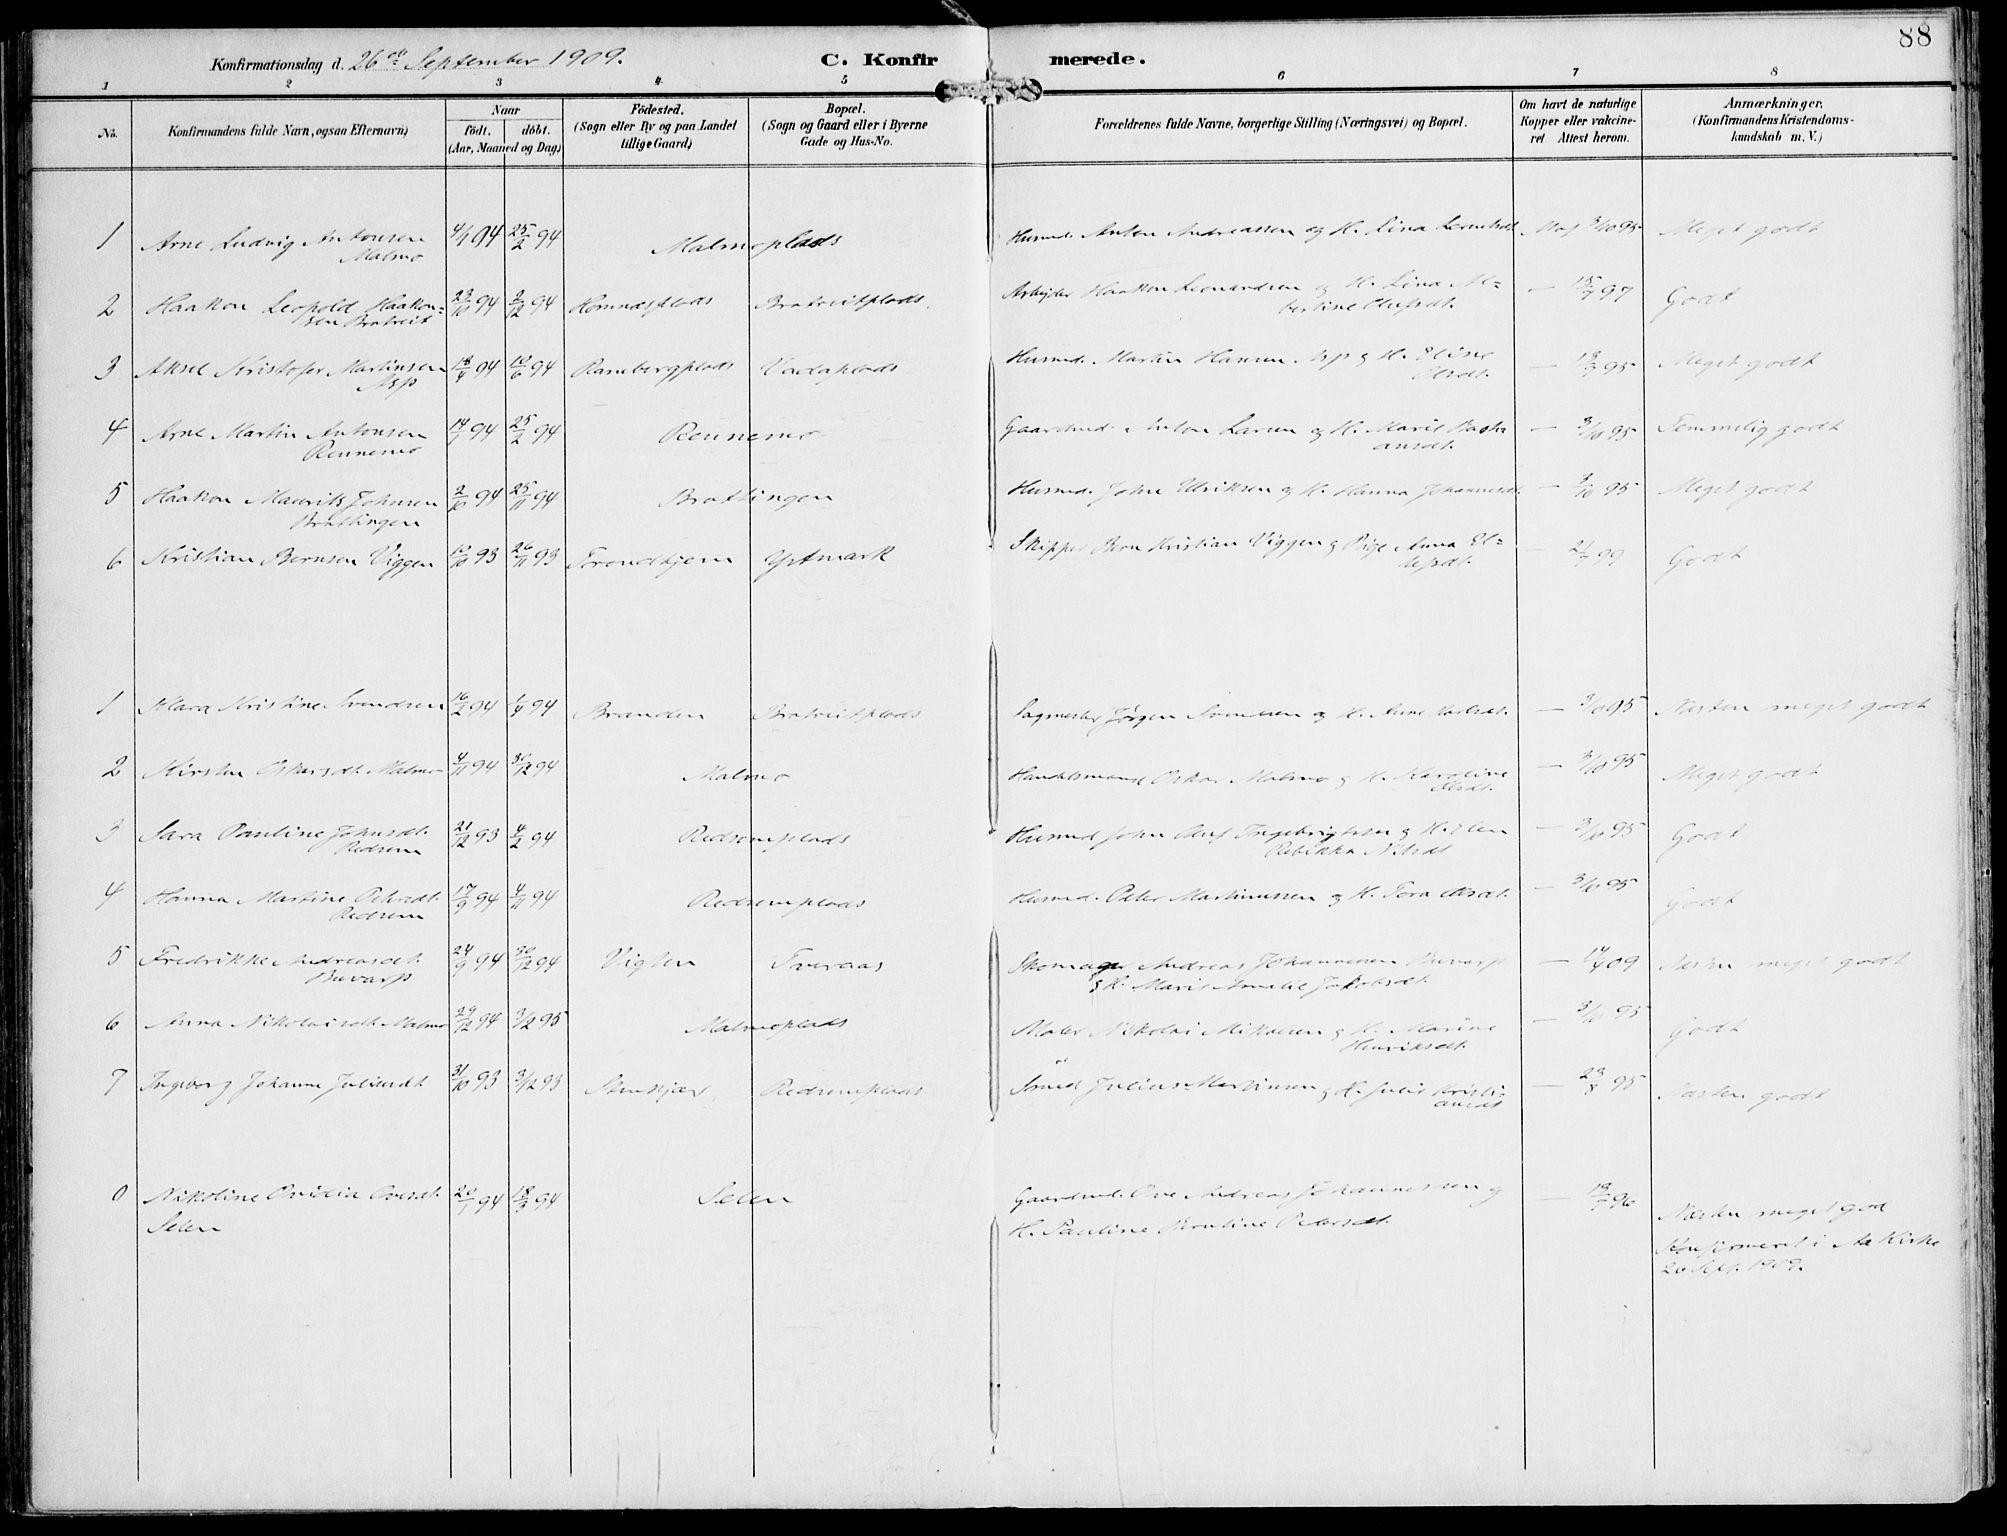 SAT, Ministerialprotokoller, klokkerbøker og fødselsregistre - Nord-Trøndelag, 745/L0430: Ministerialbok nr. 745A02, 1895-1913, s. 88